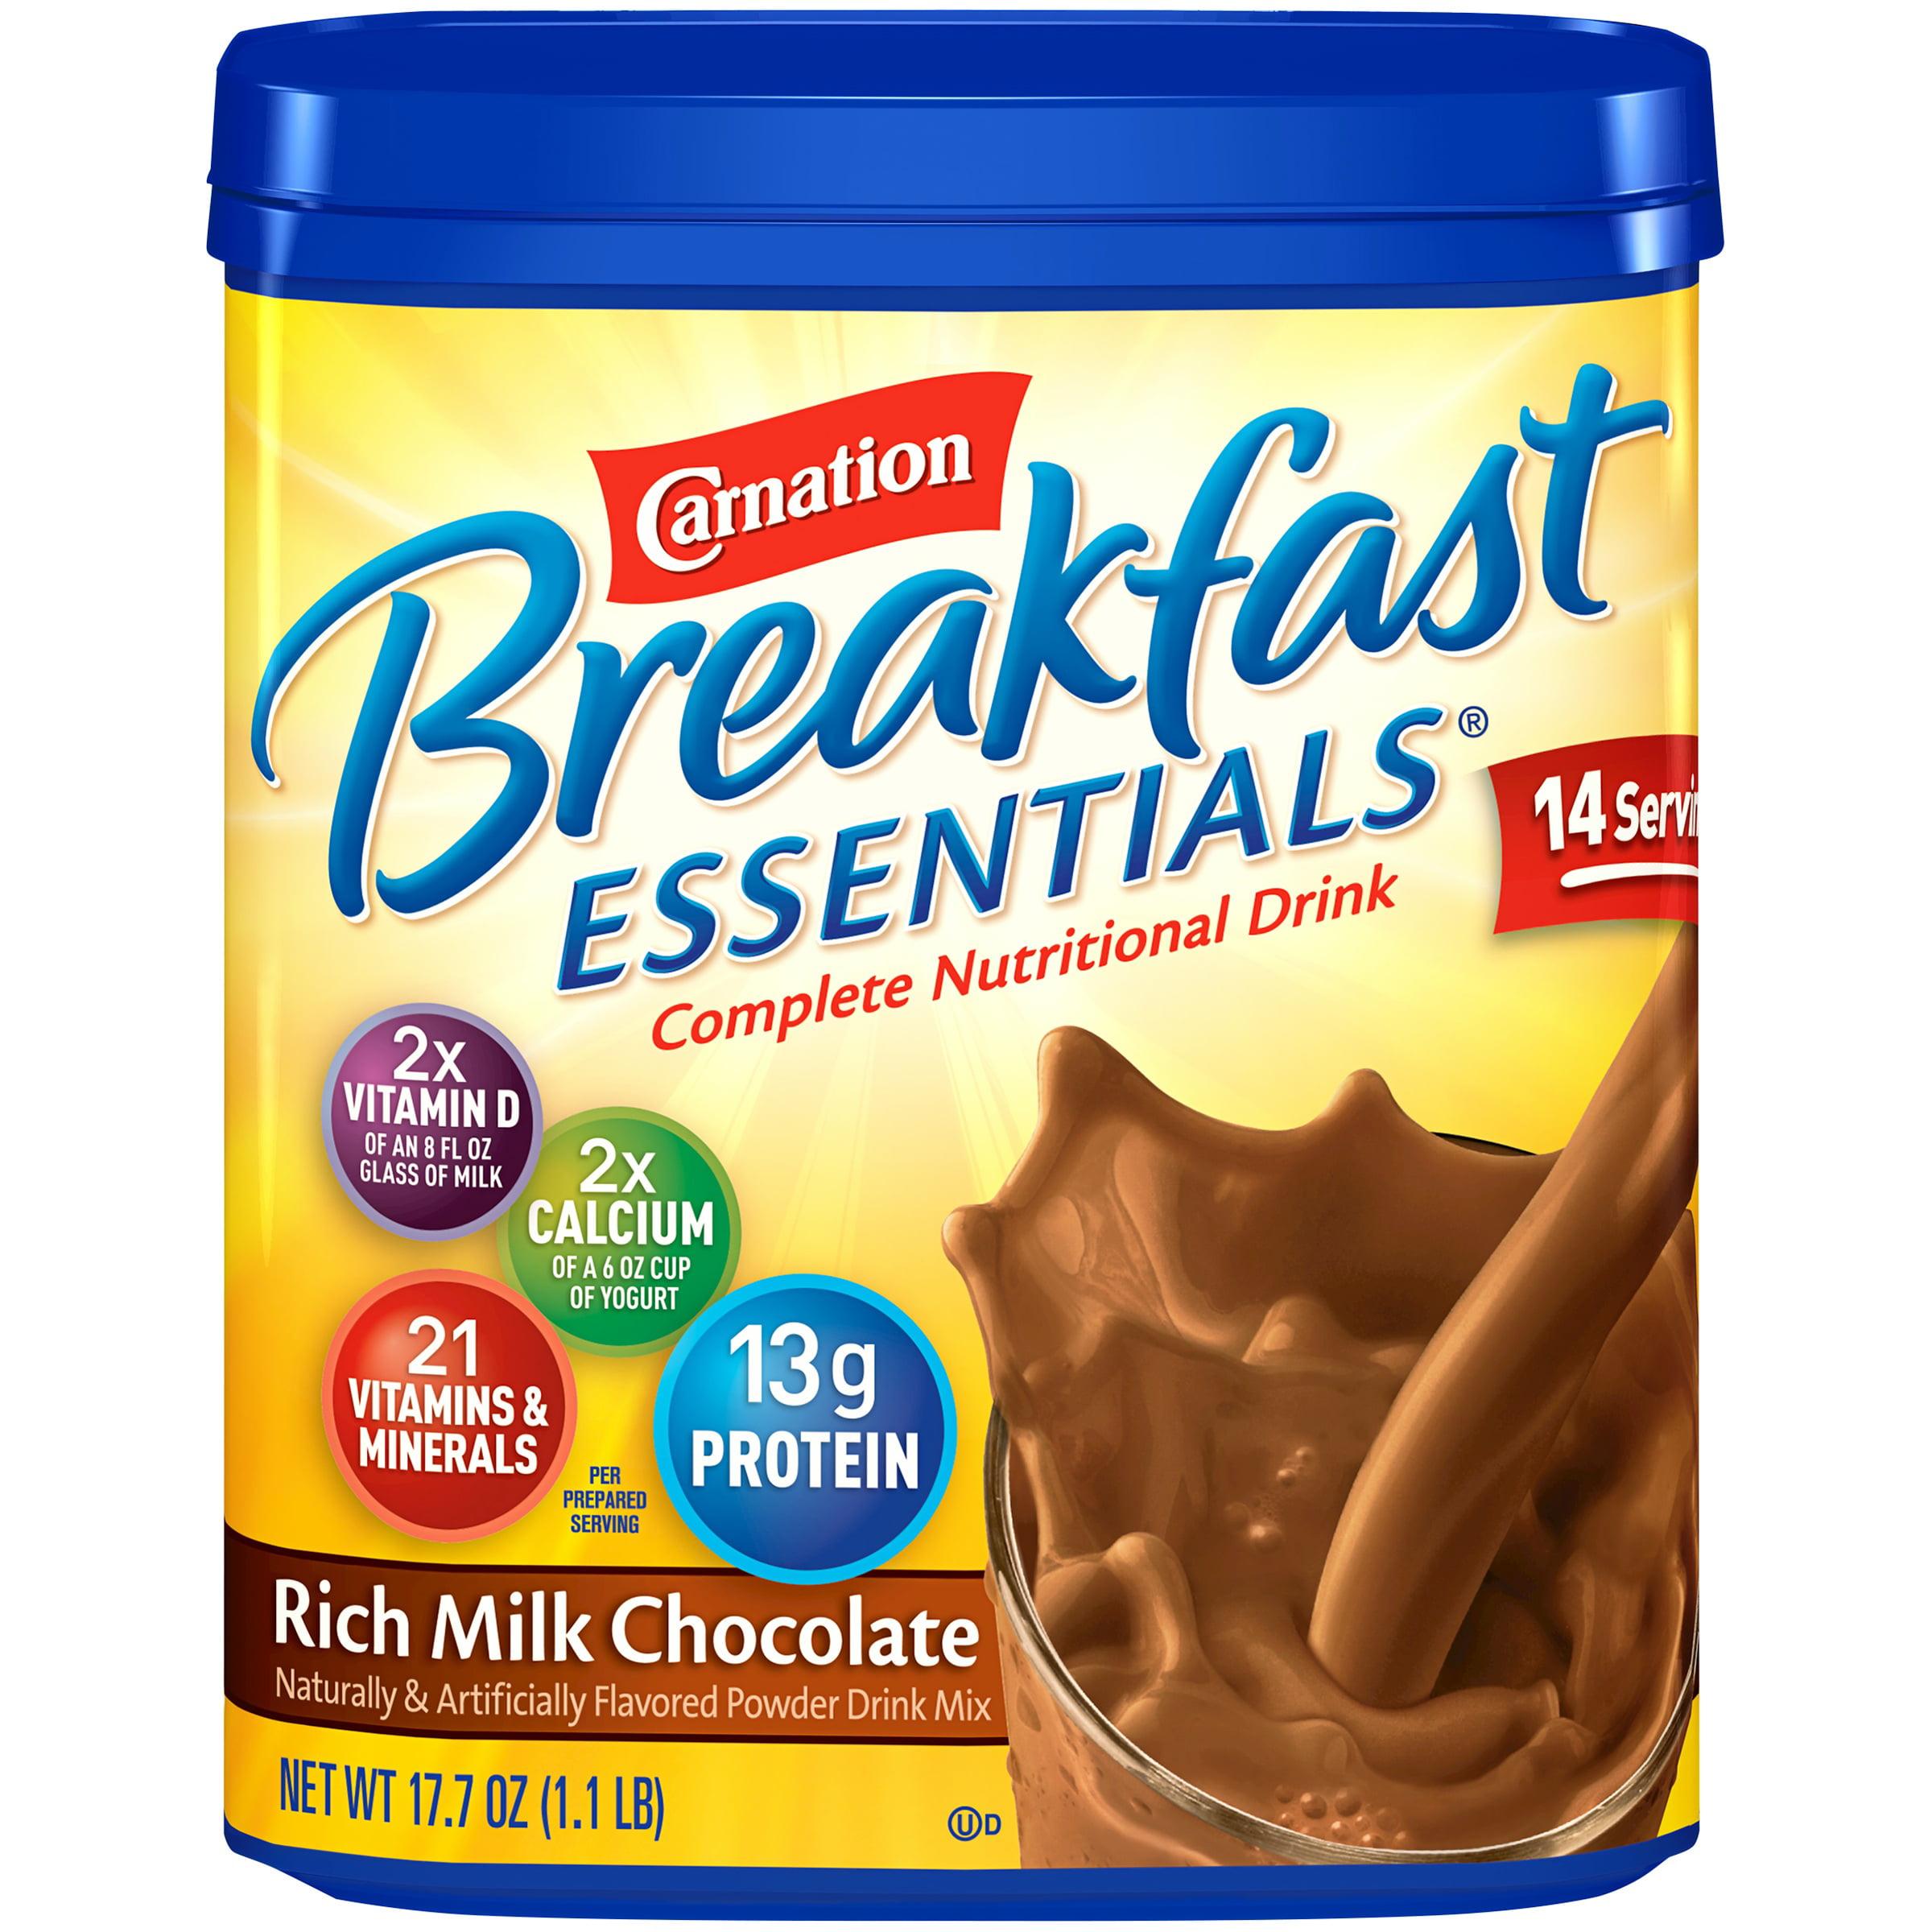 Carnation Breakfast Essentials Powder Drink Mix Rich Milk Chocolate